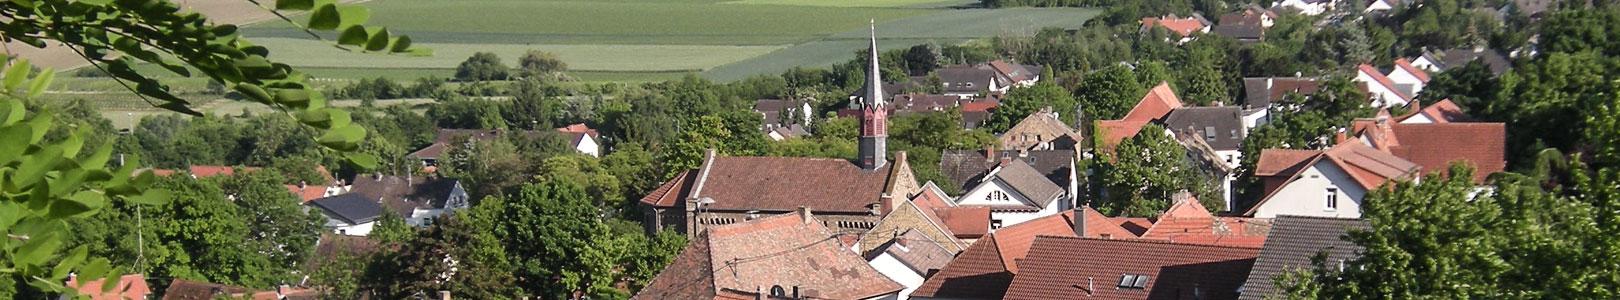 Rathaus - Verbandsgemeinde